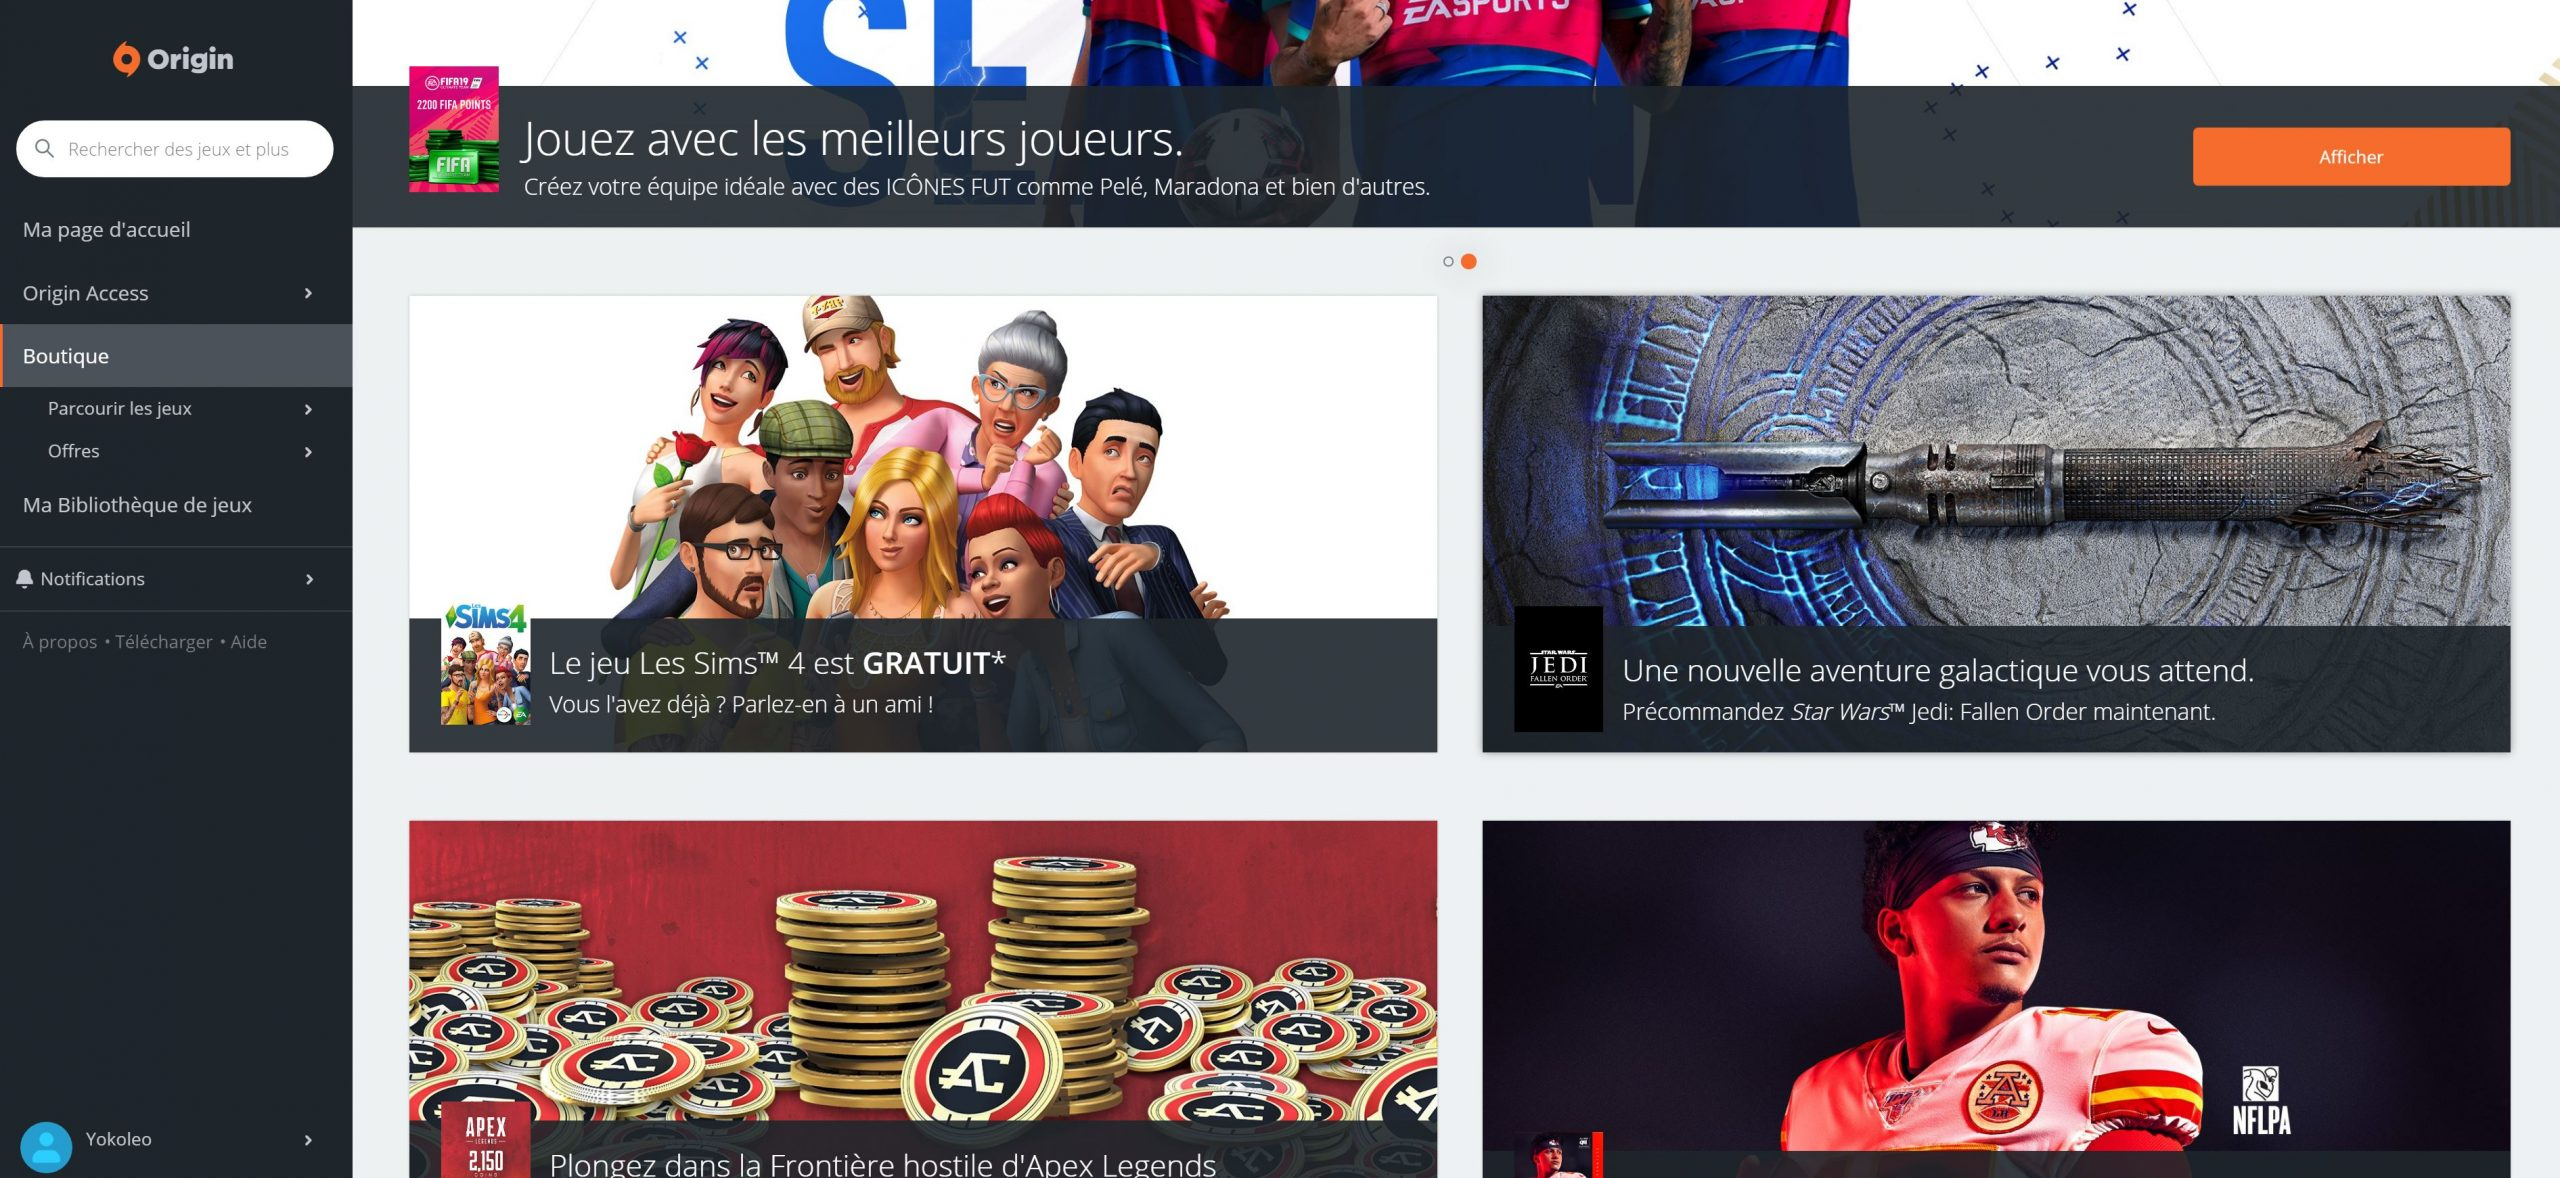 Les Sims 4 Est Gratuit : Voici Ce Qu'il Faut Faire Pour destiné Jeu De 4 Images